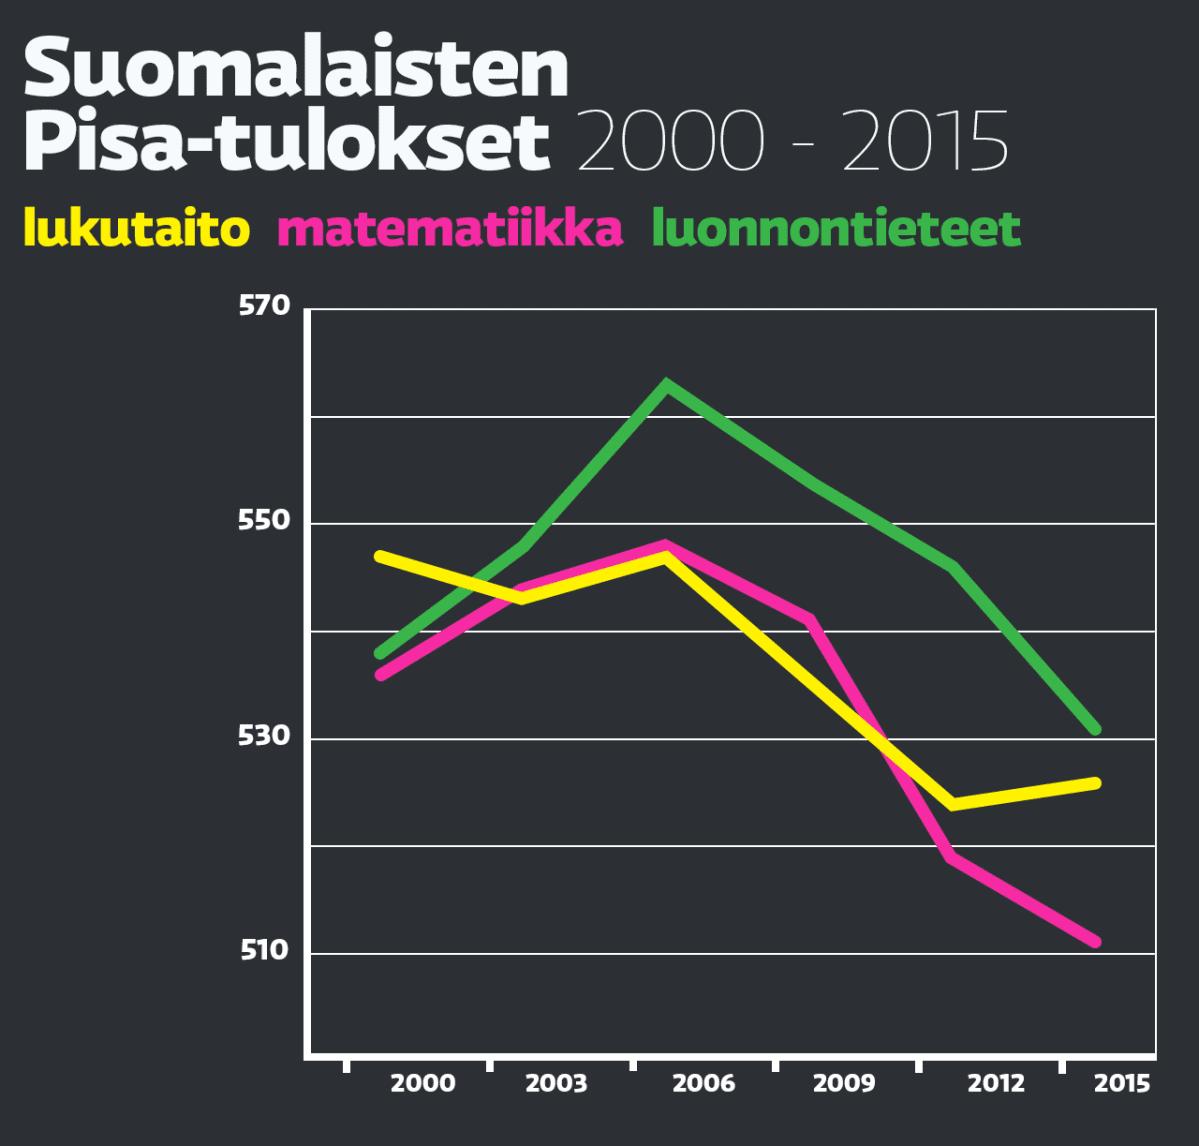 Suomalaisten Pisa-tulokset 2000-2015